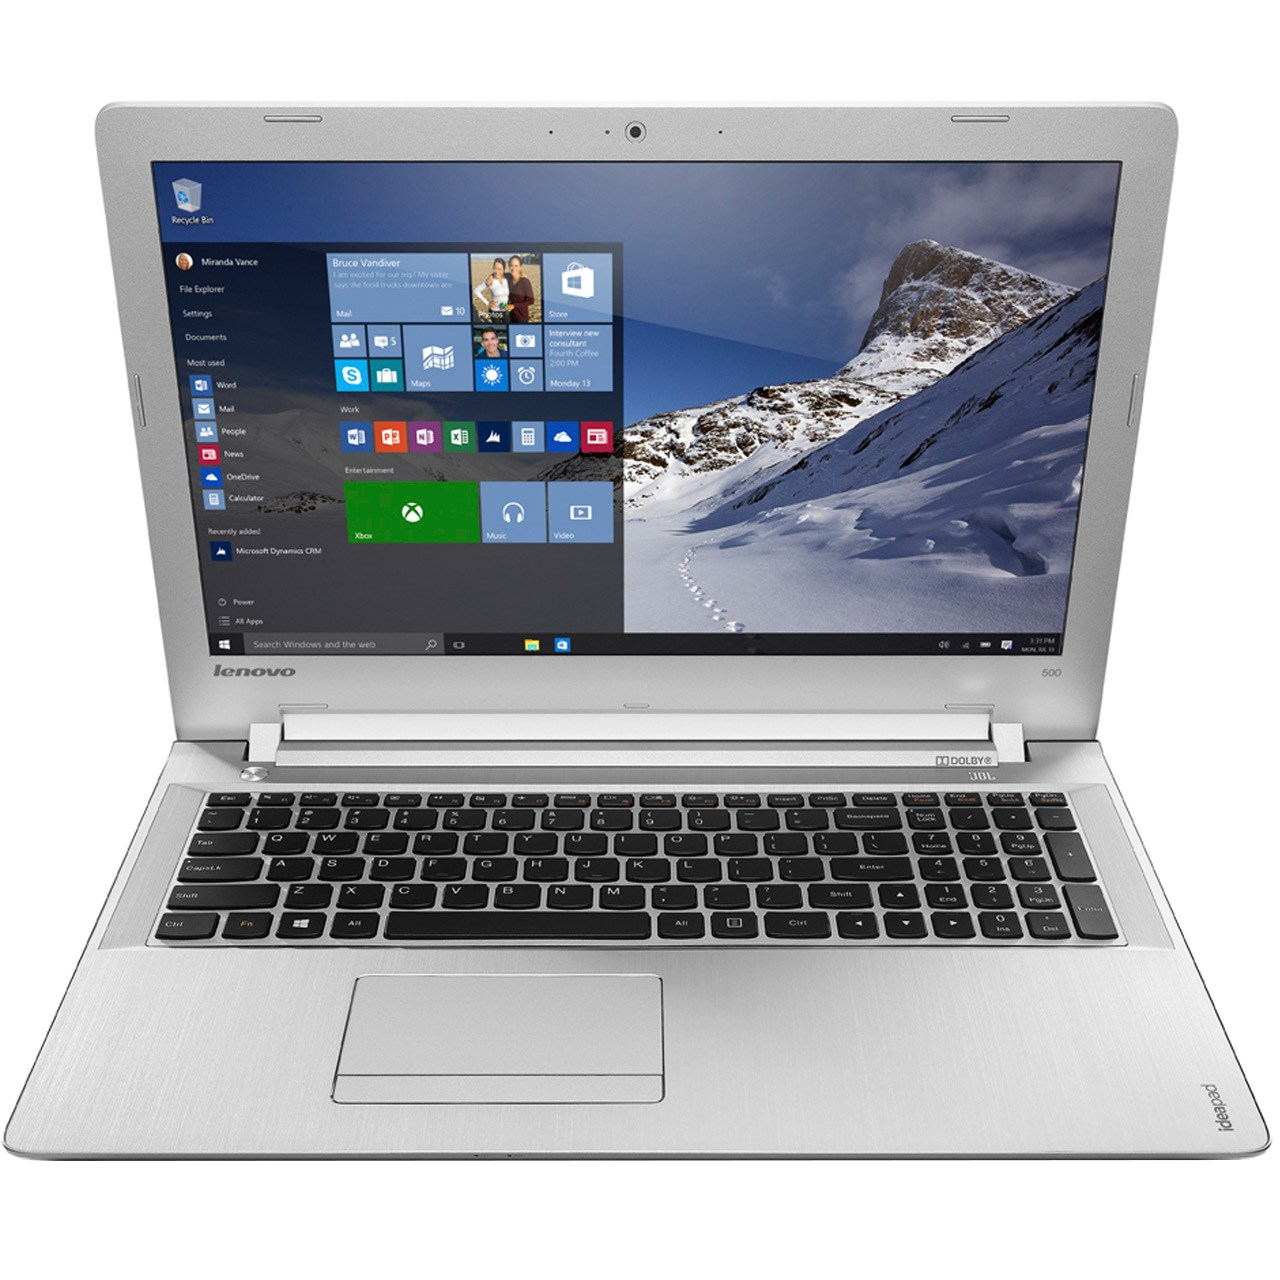 لپ تاپ 15 اینچی لنوو مدل Ideapad 500 - F